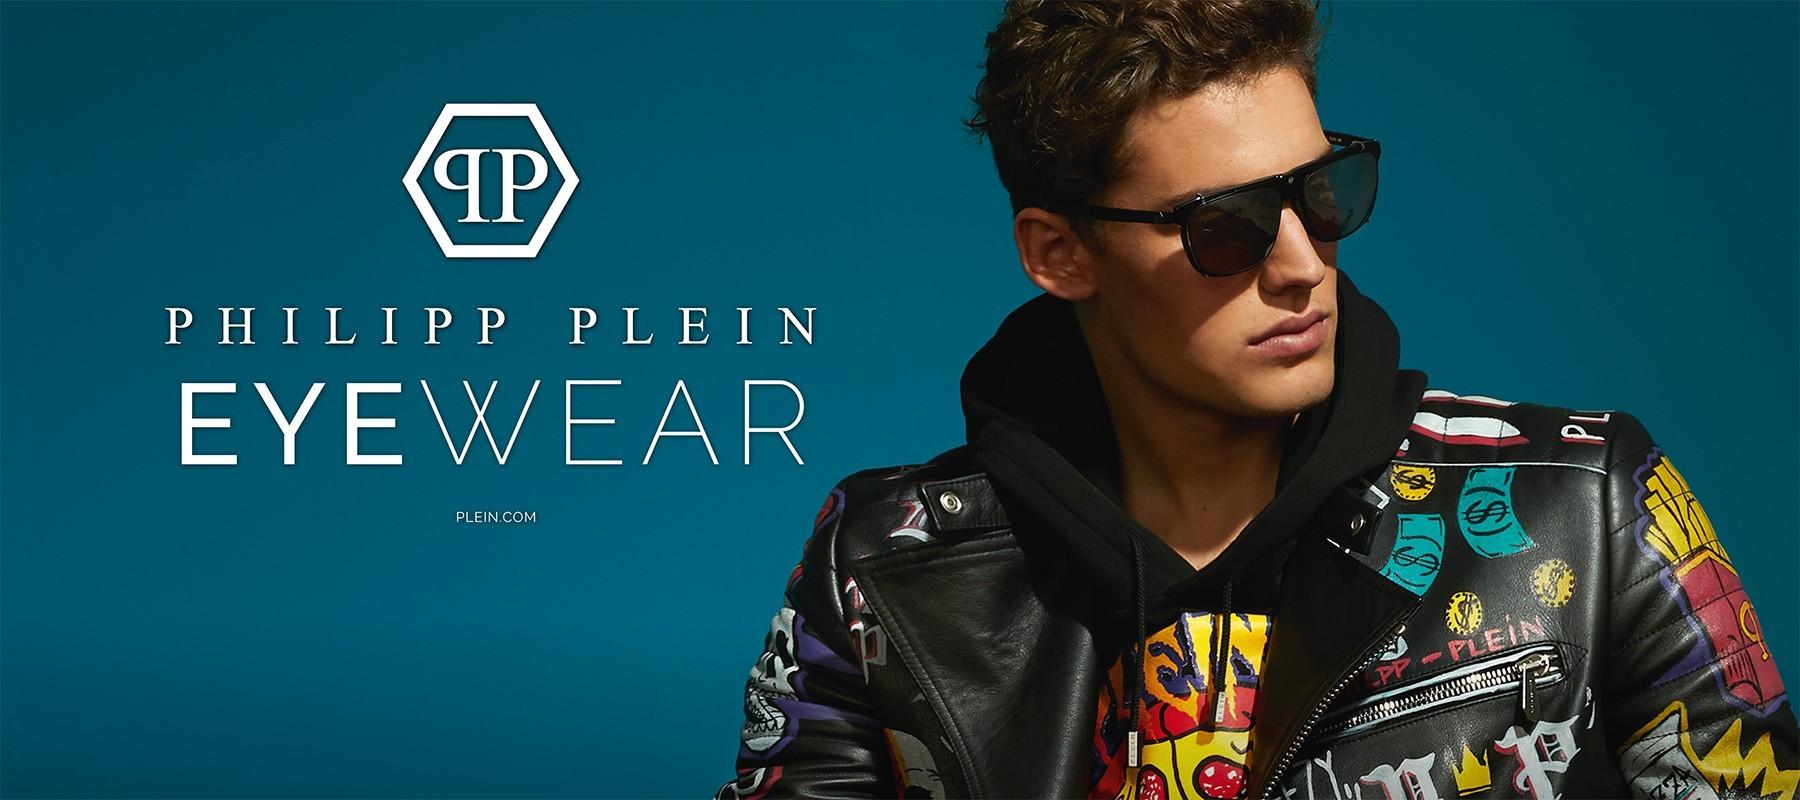 Blaues Foto mit Philipp Plein Logo auf der linken Seite und einem Male Model mit Sonnenbrille und braunen Haaren auf der rechten Seite.